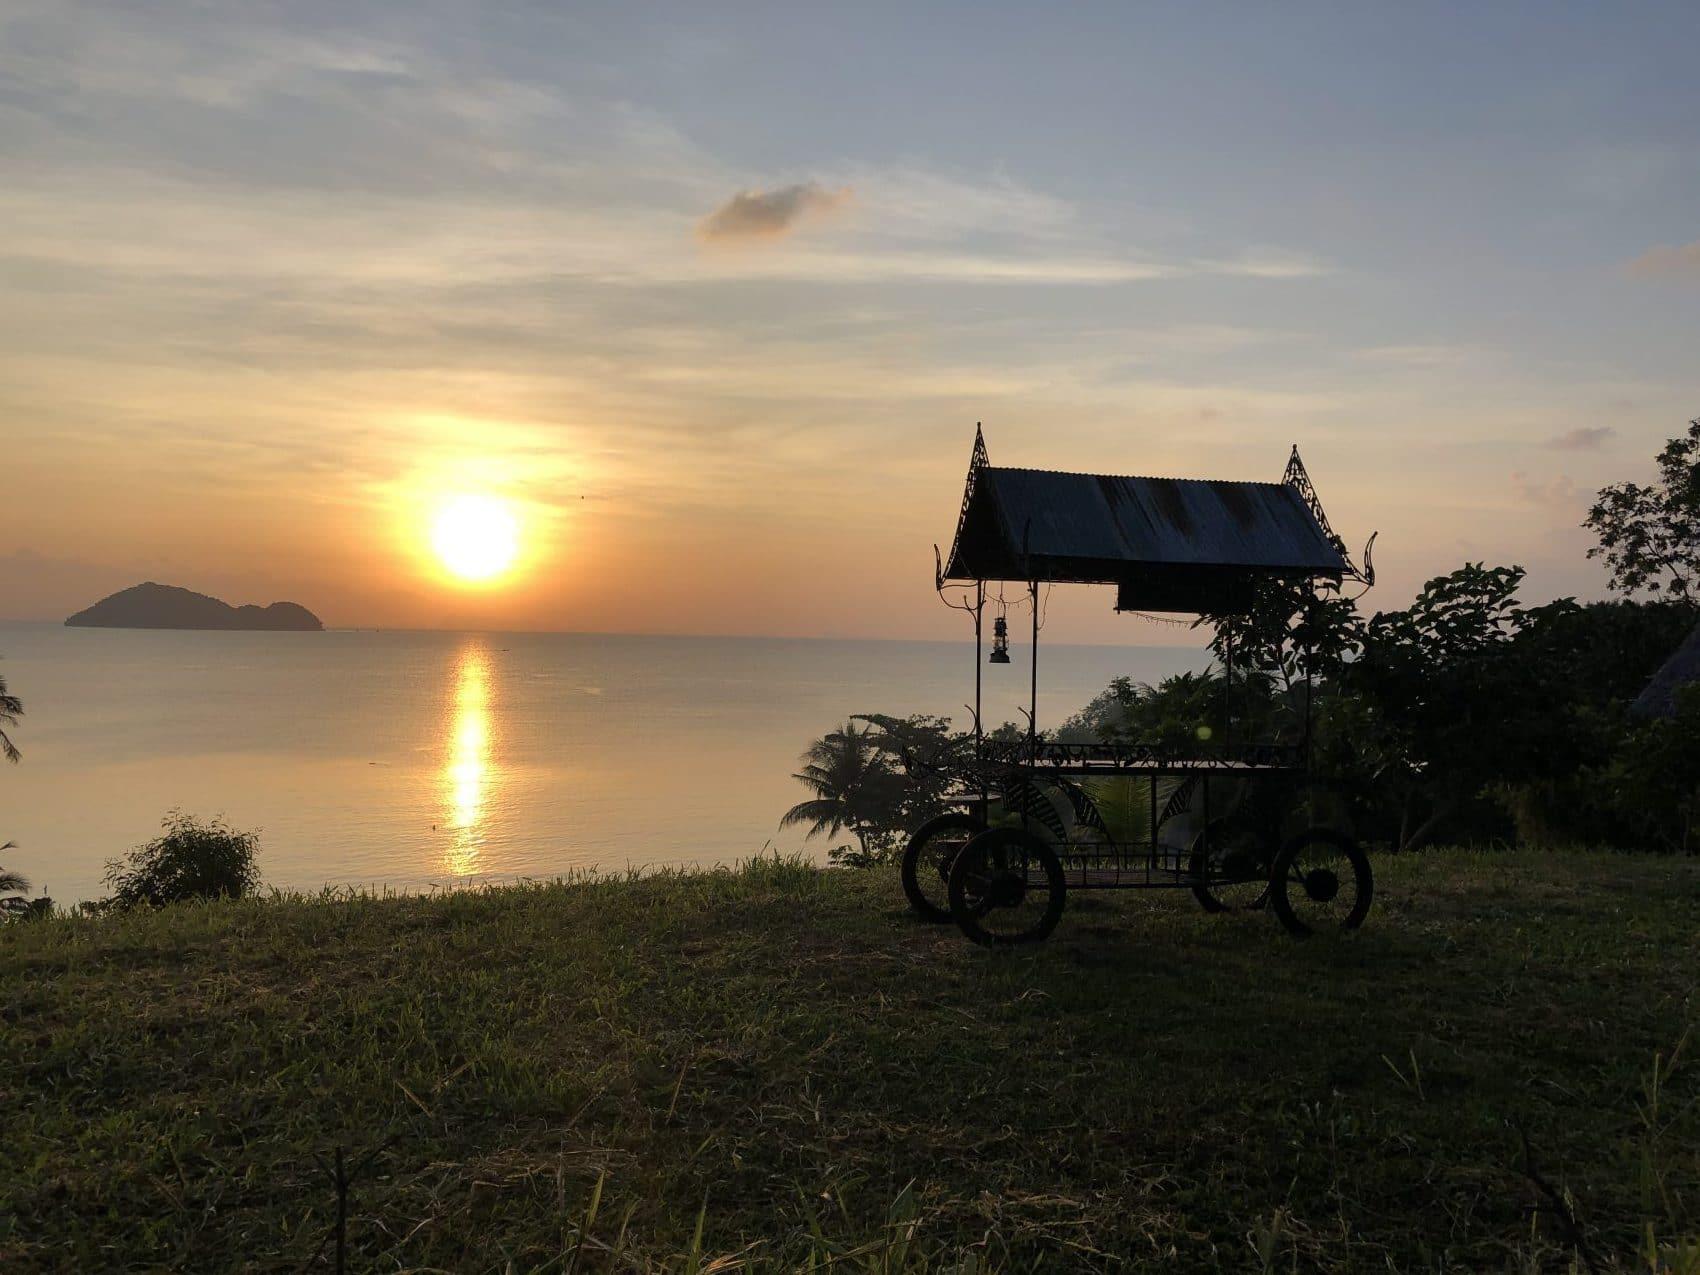 Indonesien ein neuer interessanter Standort für ortsunabhängige Unternehmer?